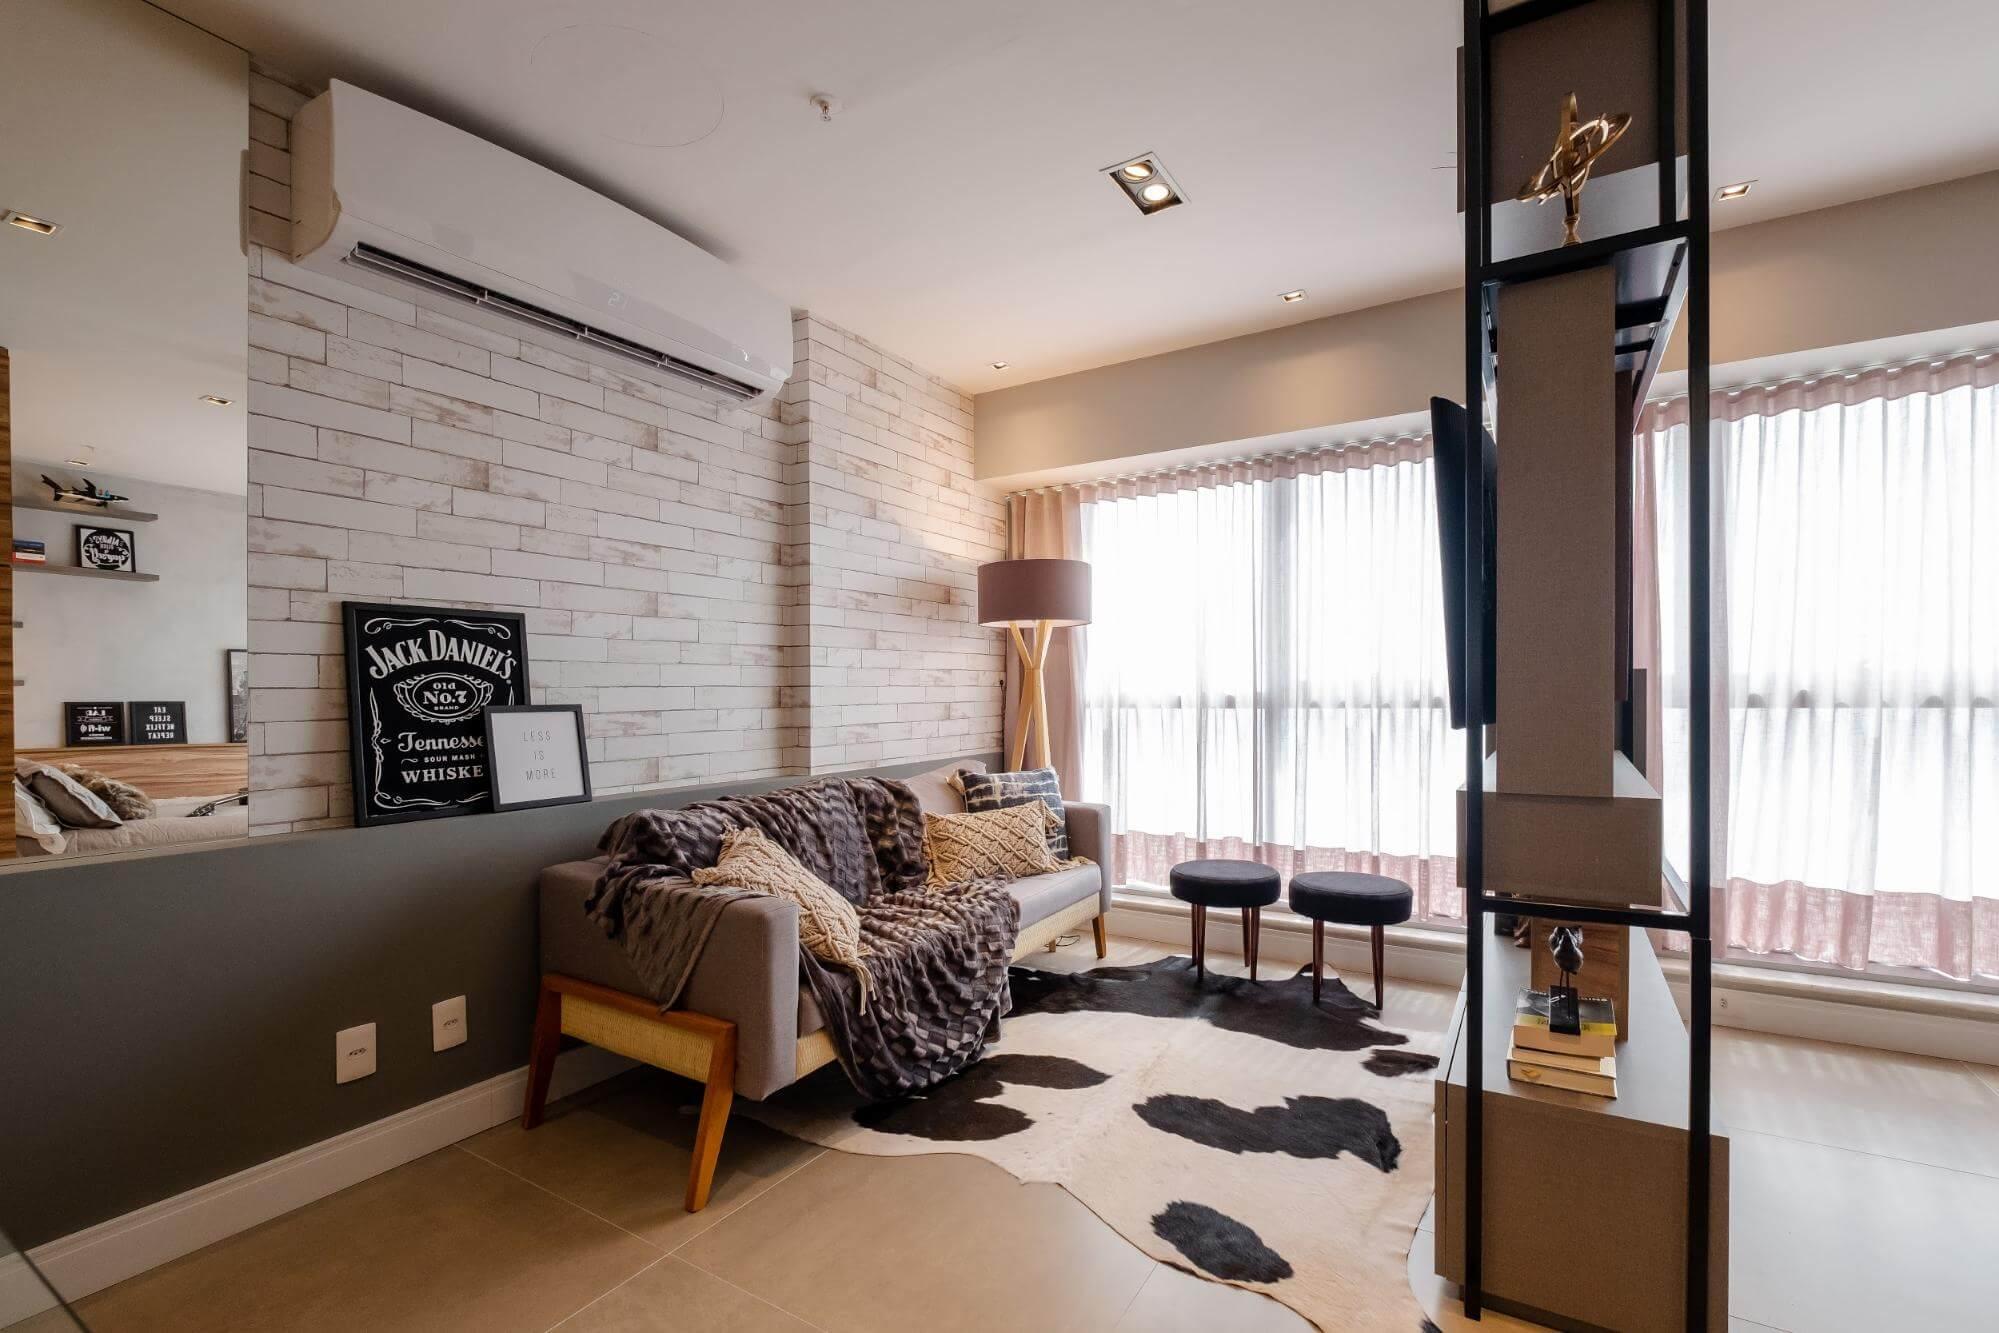 Apartamento pequeno - estantes para dividir